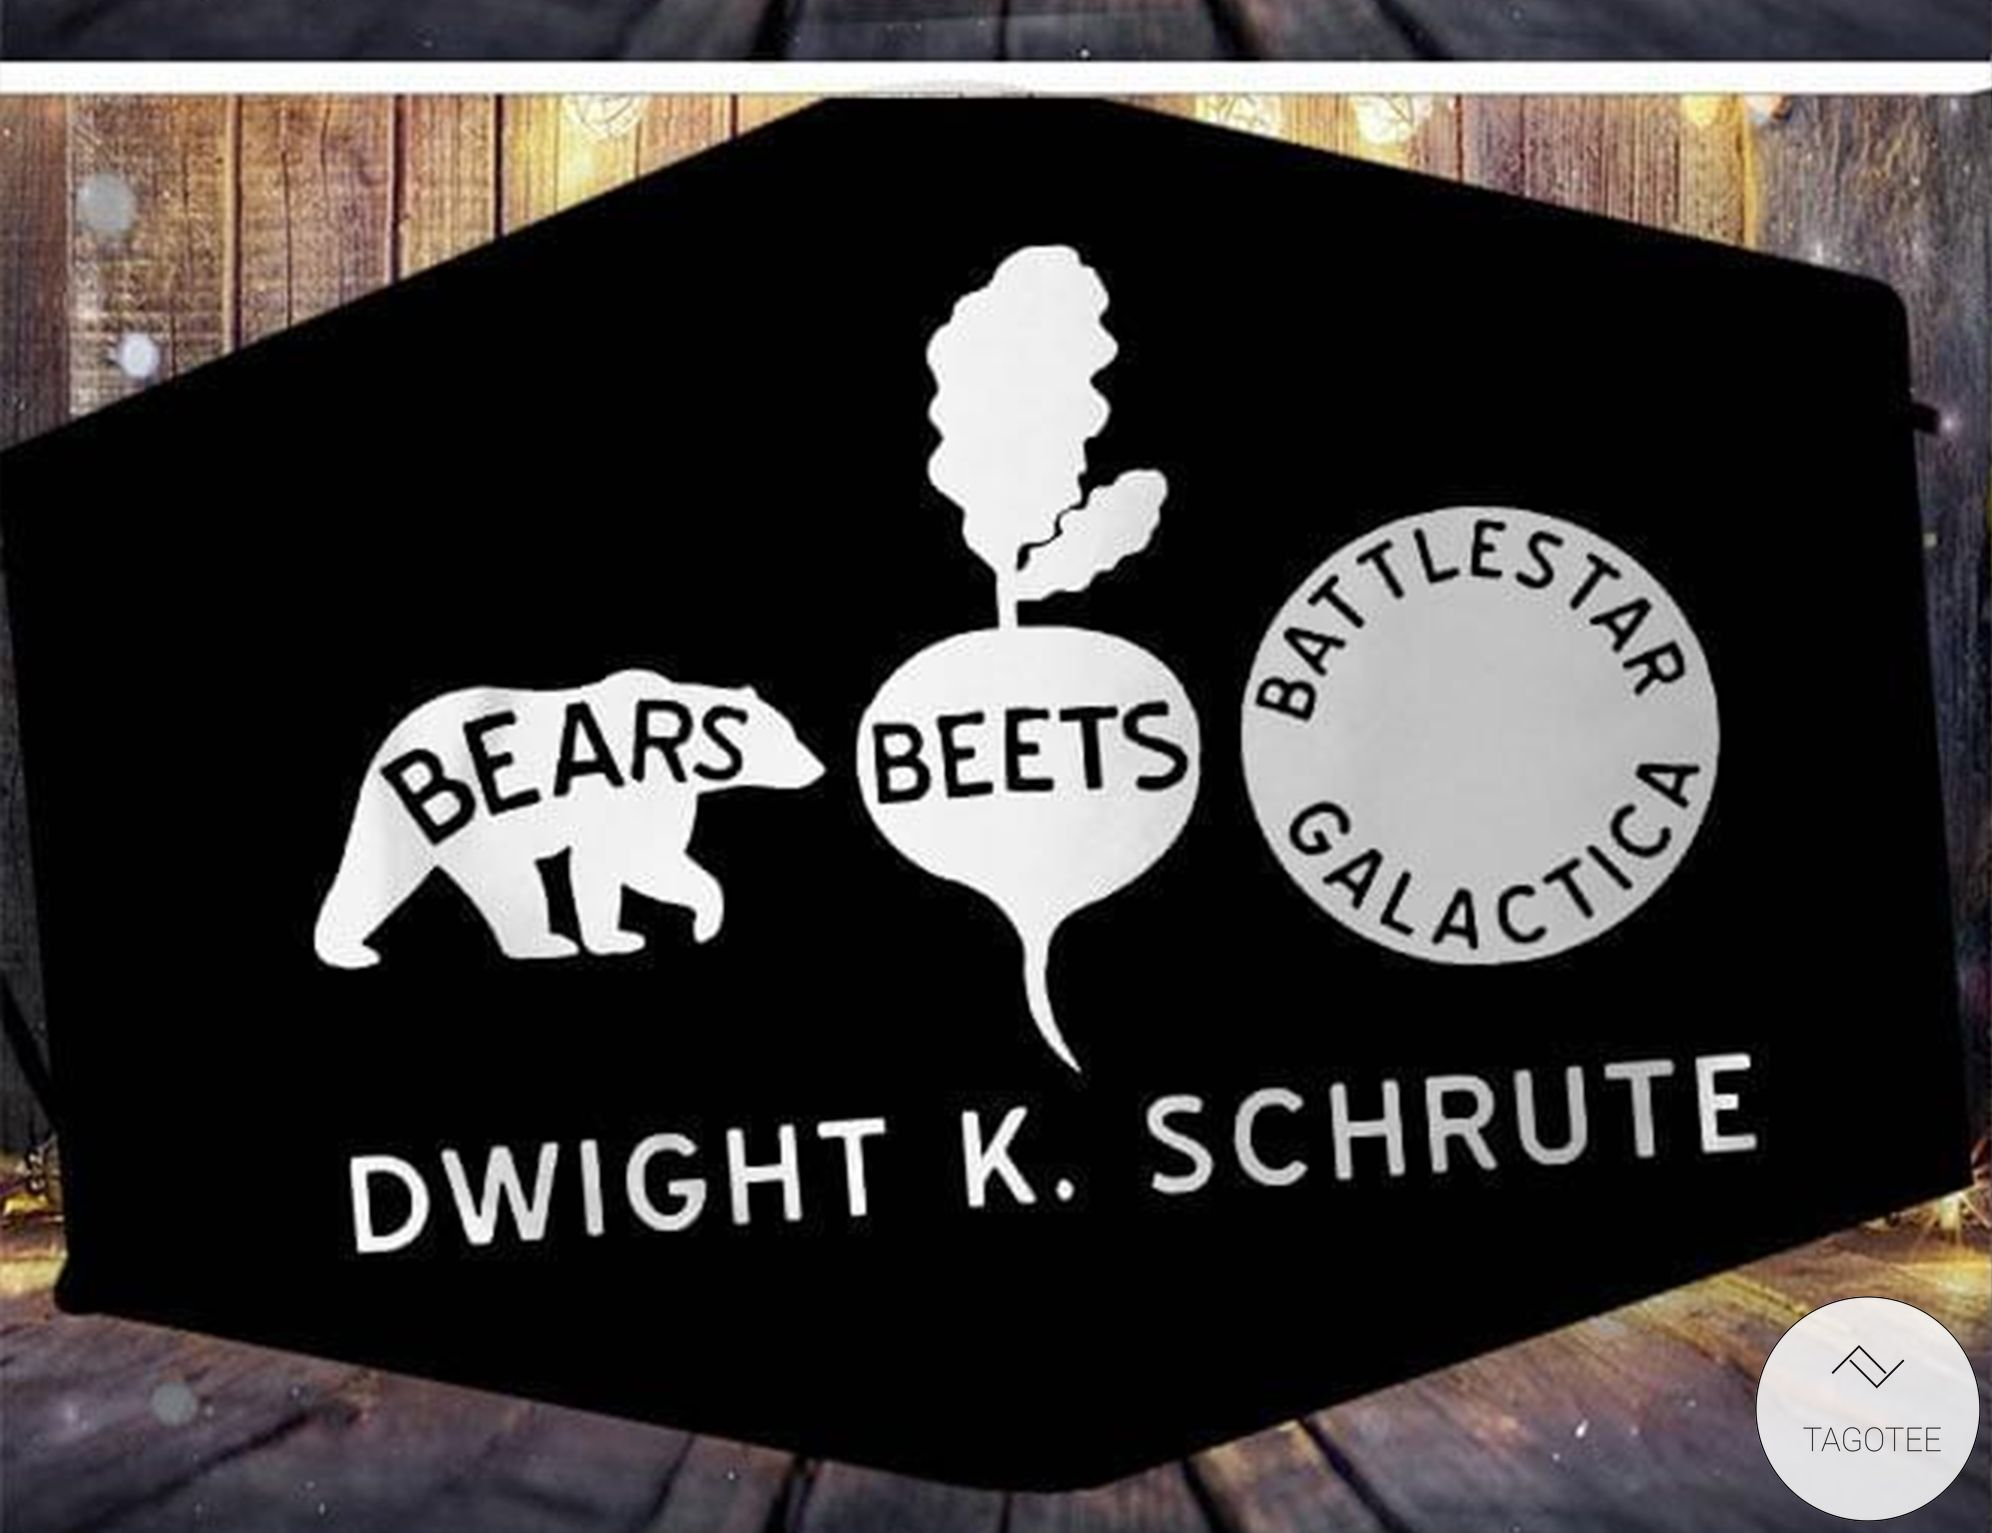 Bears Beets Battlestar Galactica Dwight K Schrute Face Mask